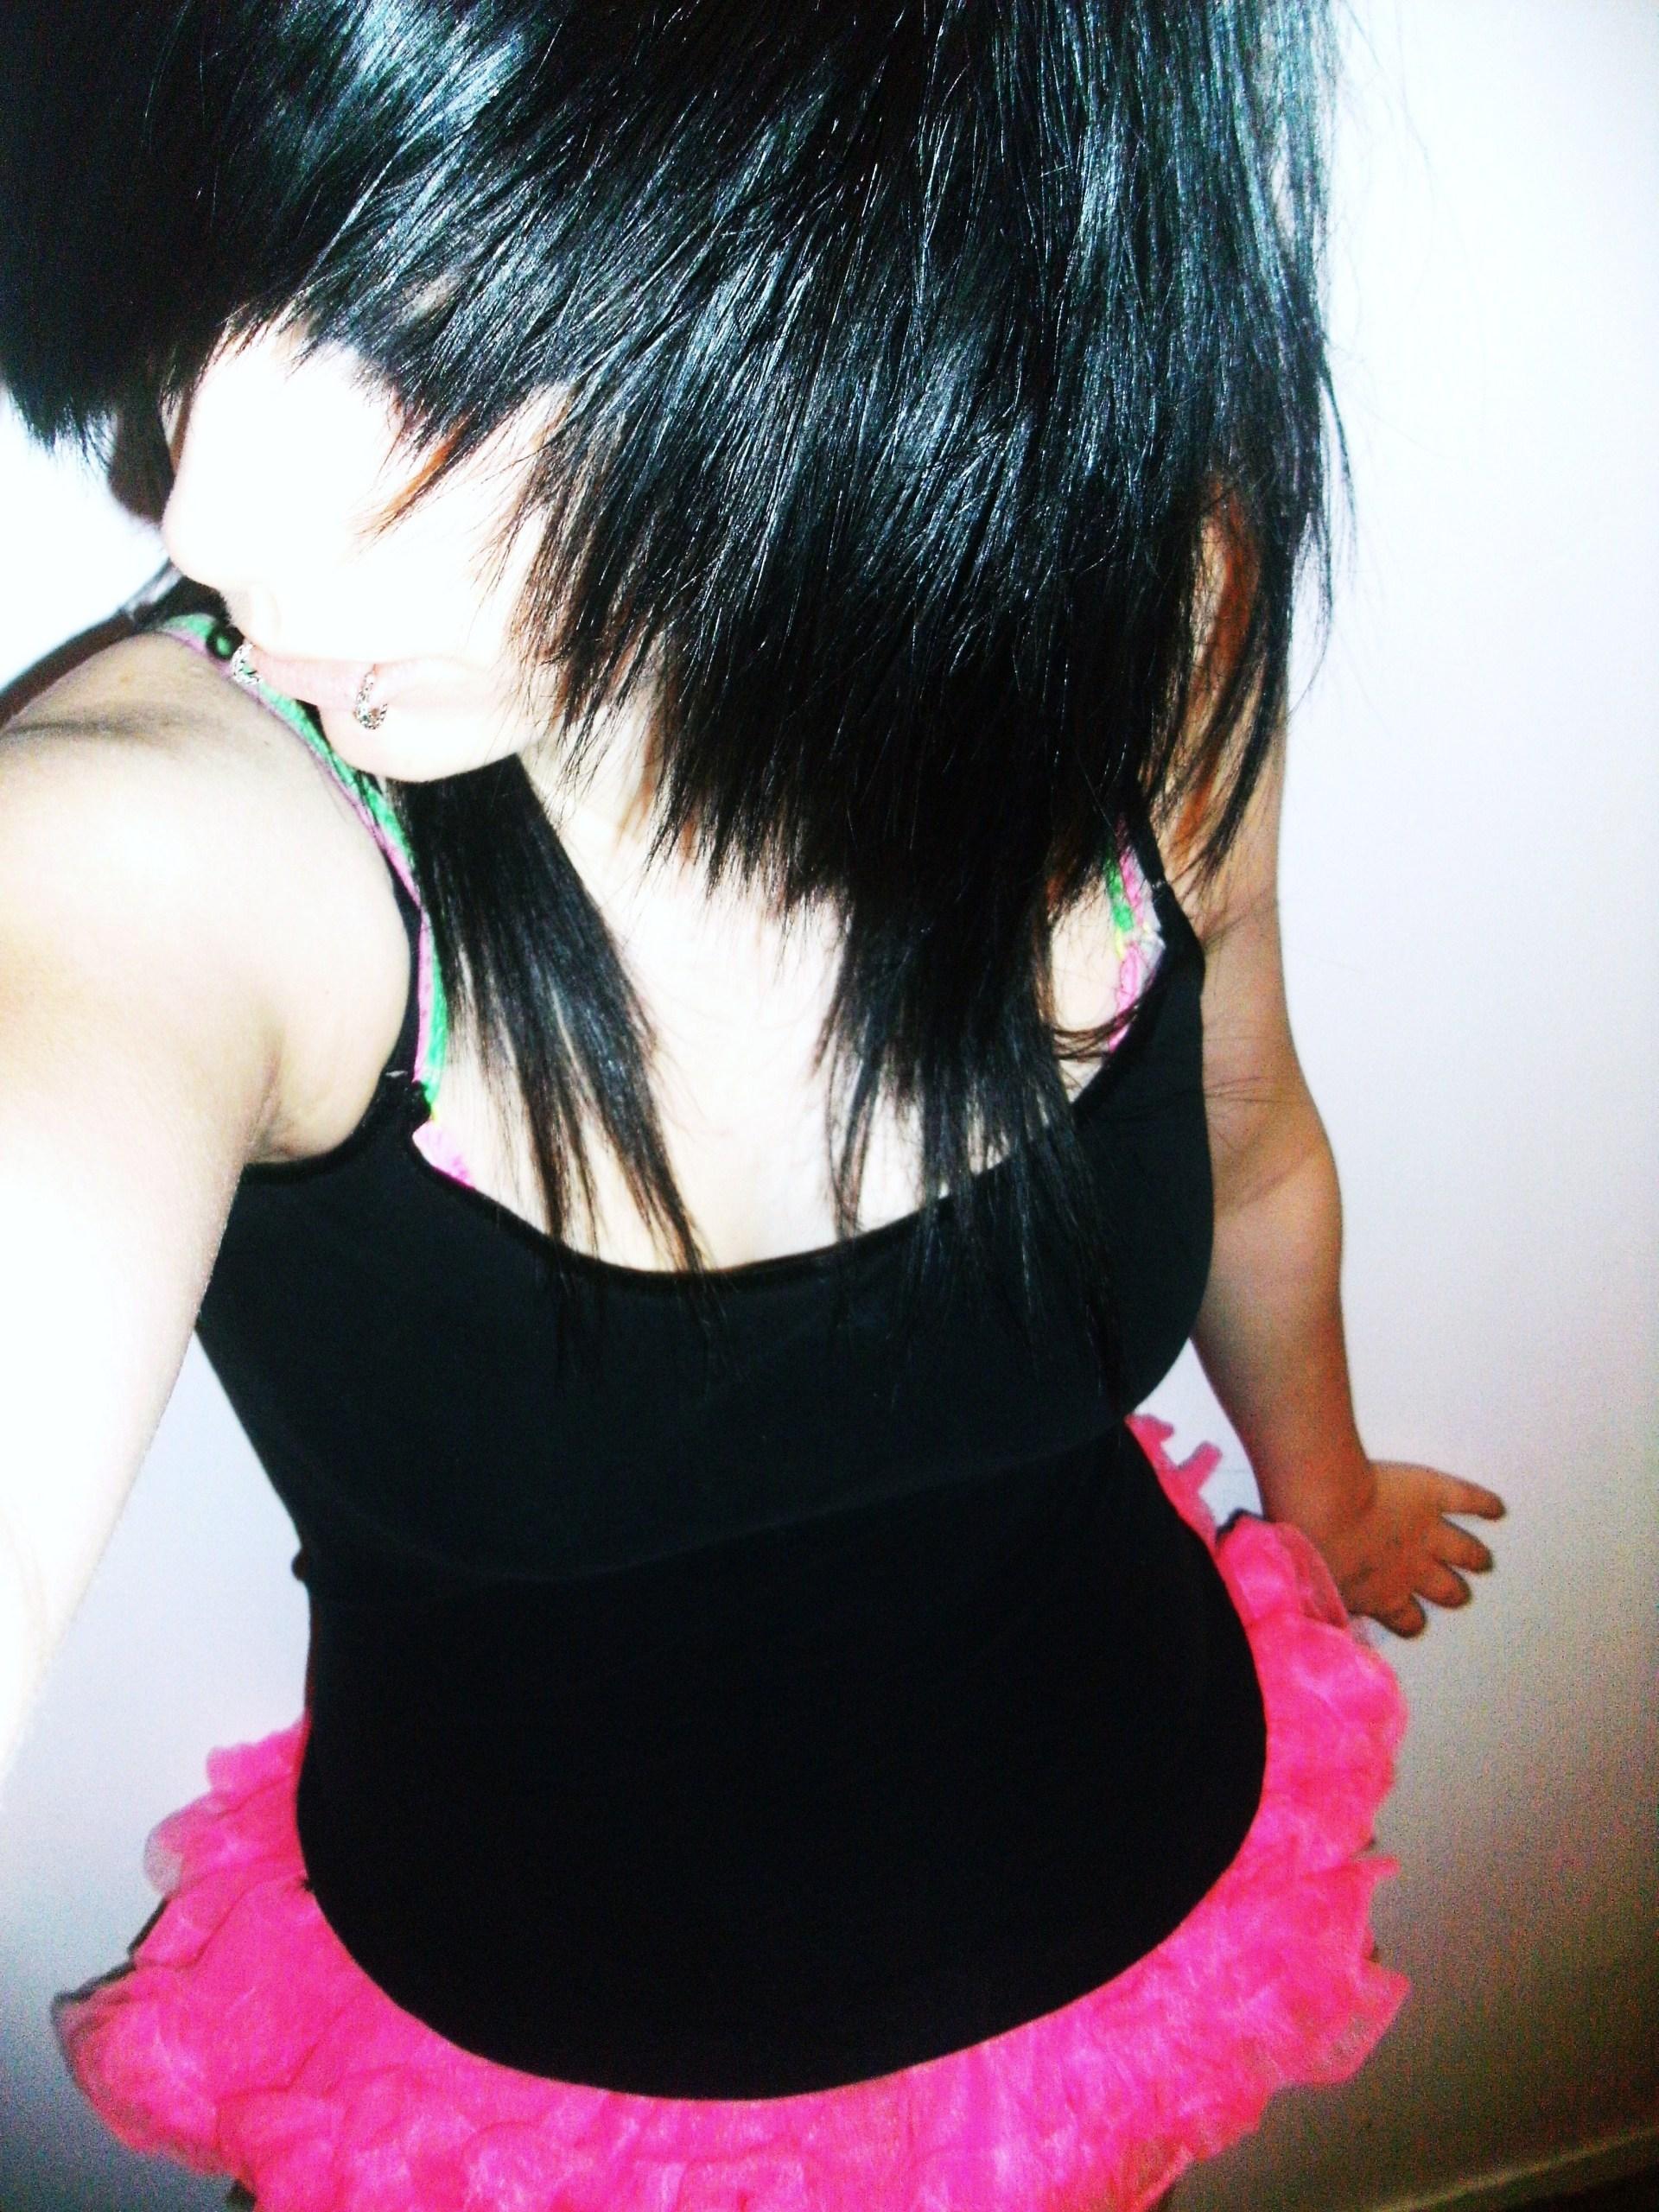 http://images2.fanpop.com/image/photos/9400000/-Becca-emo-girls-9413537-1920-2560.jpg